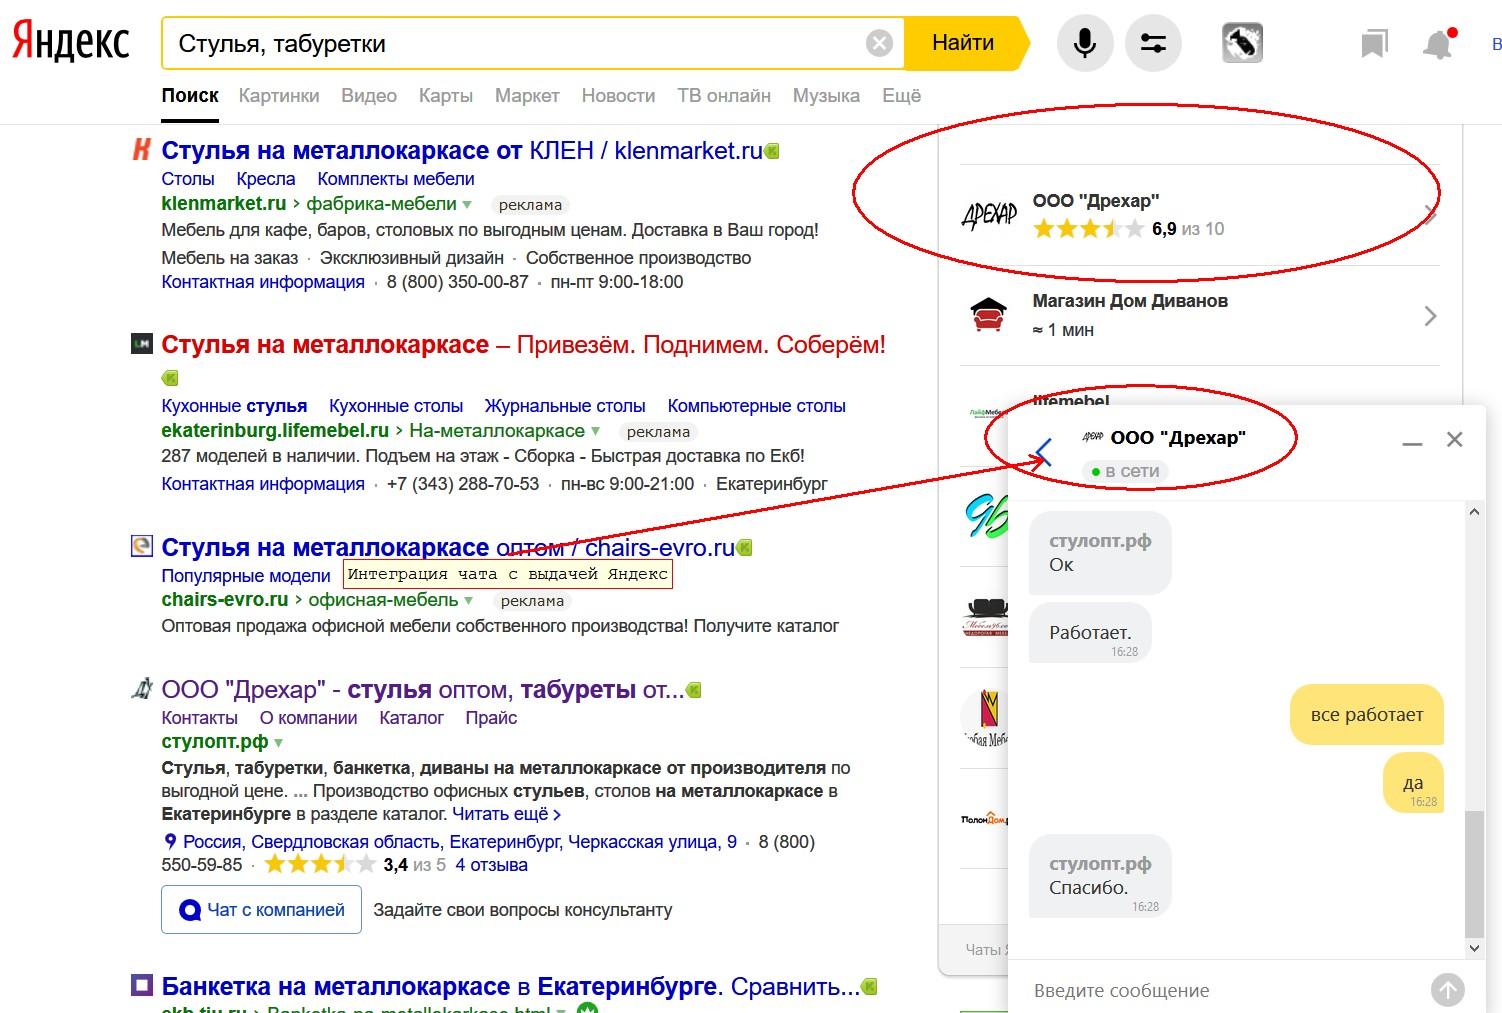 Интеграция чата с выдачей Яндекса, 2018 поисковая оптимизация, повышение конверсии